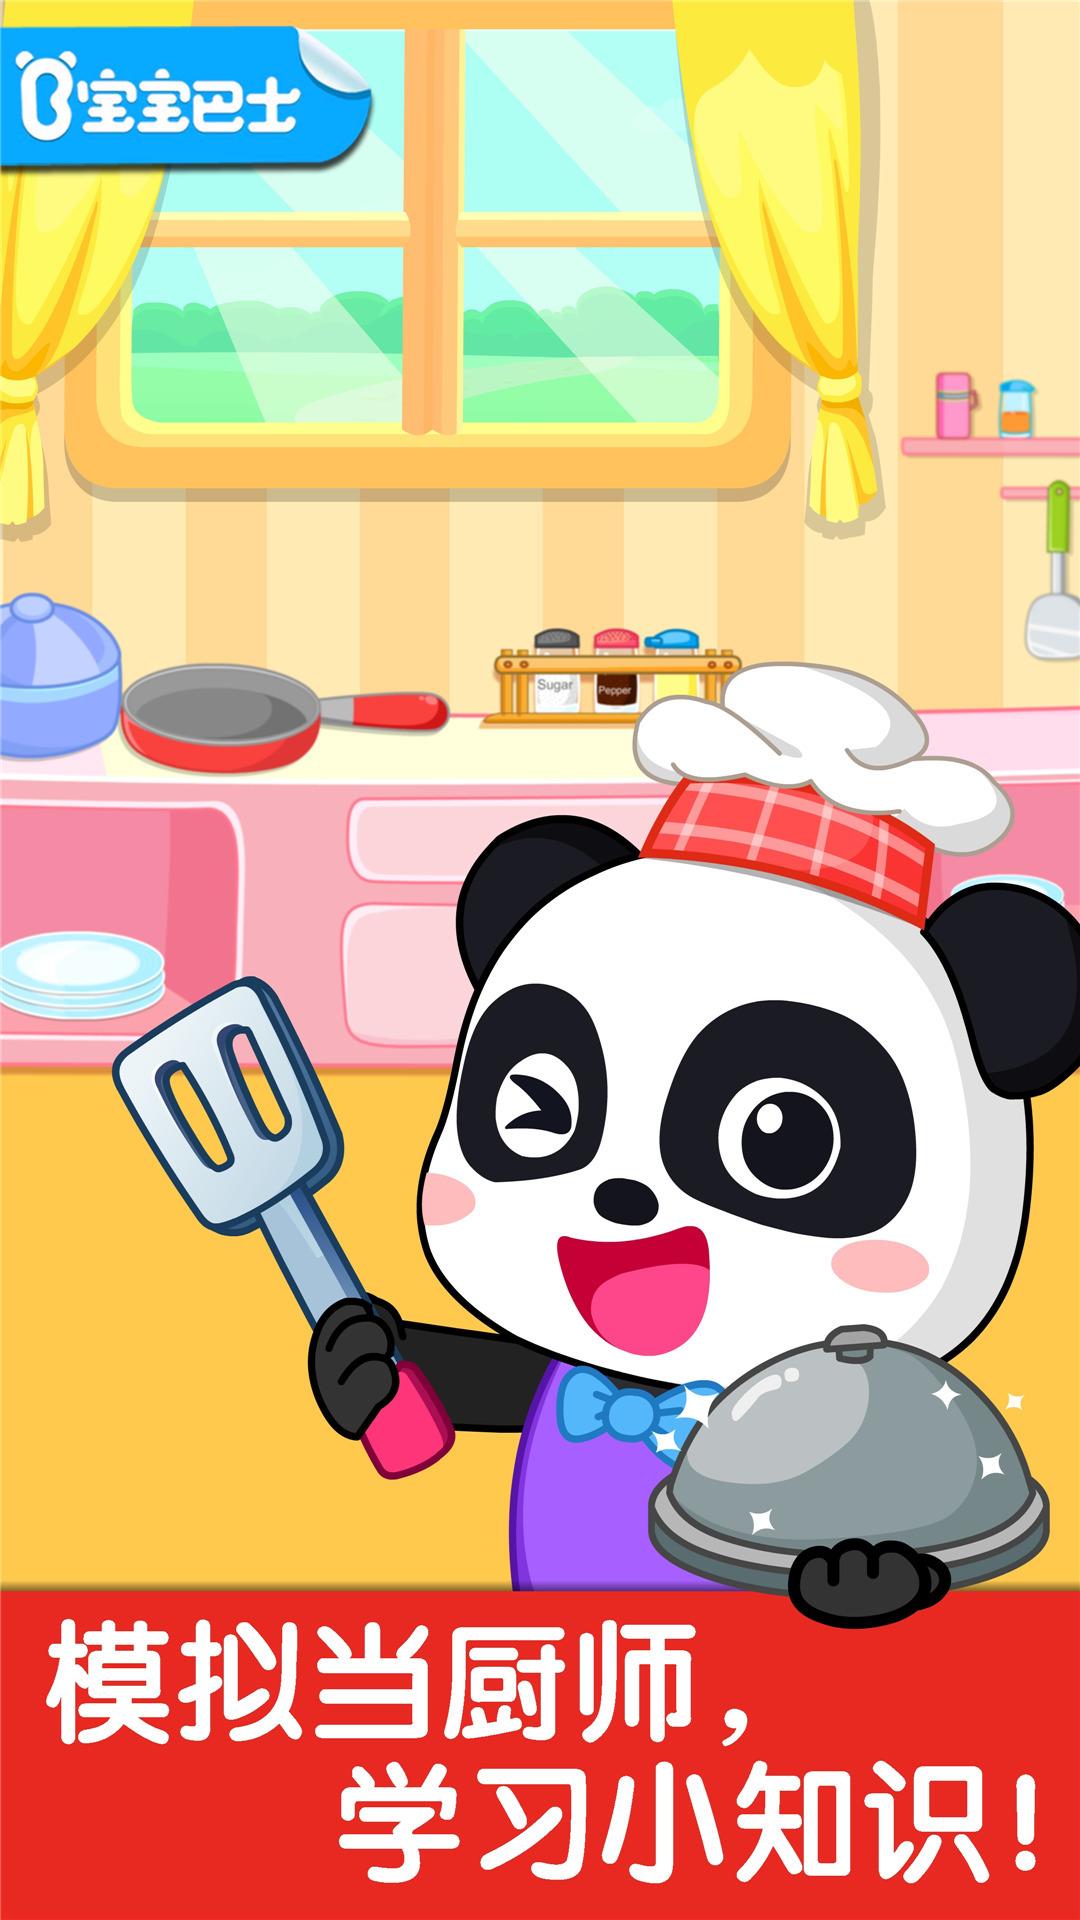 宝宝小厨房游戏 V9.50.00.00 安卓版截图3